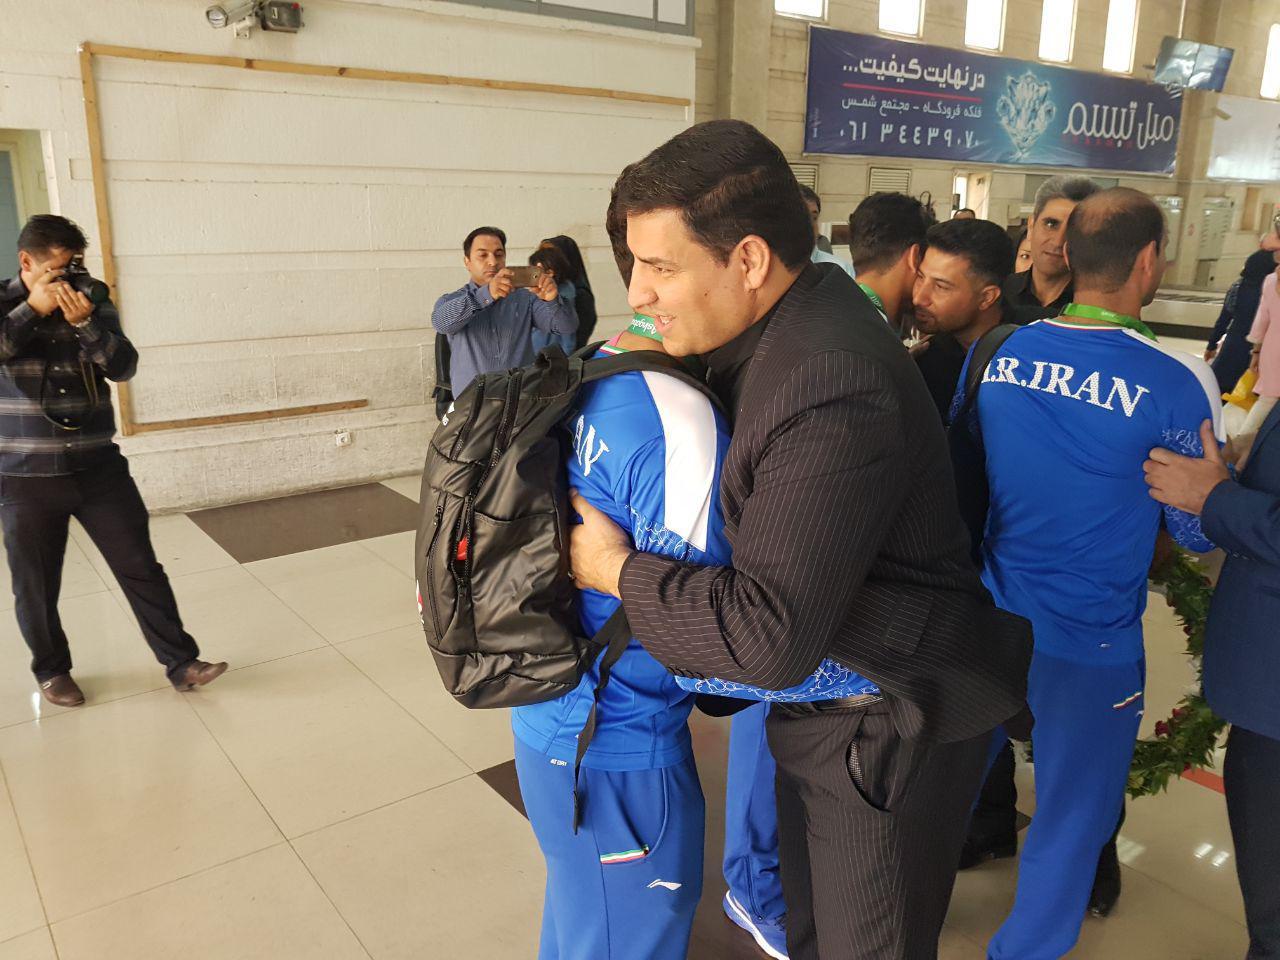 هیئت فوتبال استان بازگشت بانوان فوتسالیست را اطلاع رسانی نکرد!